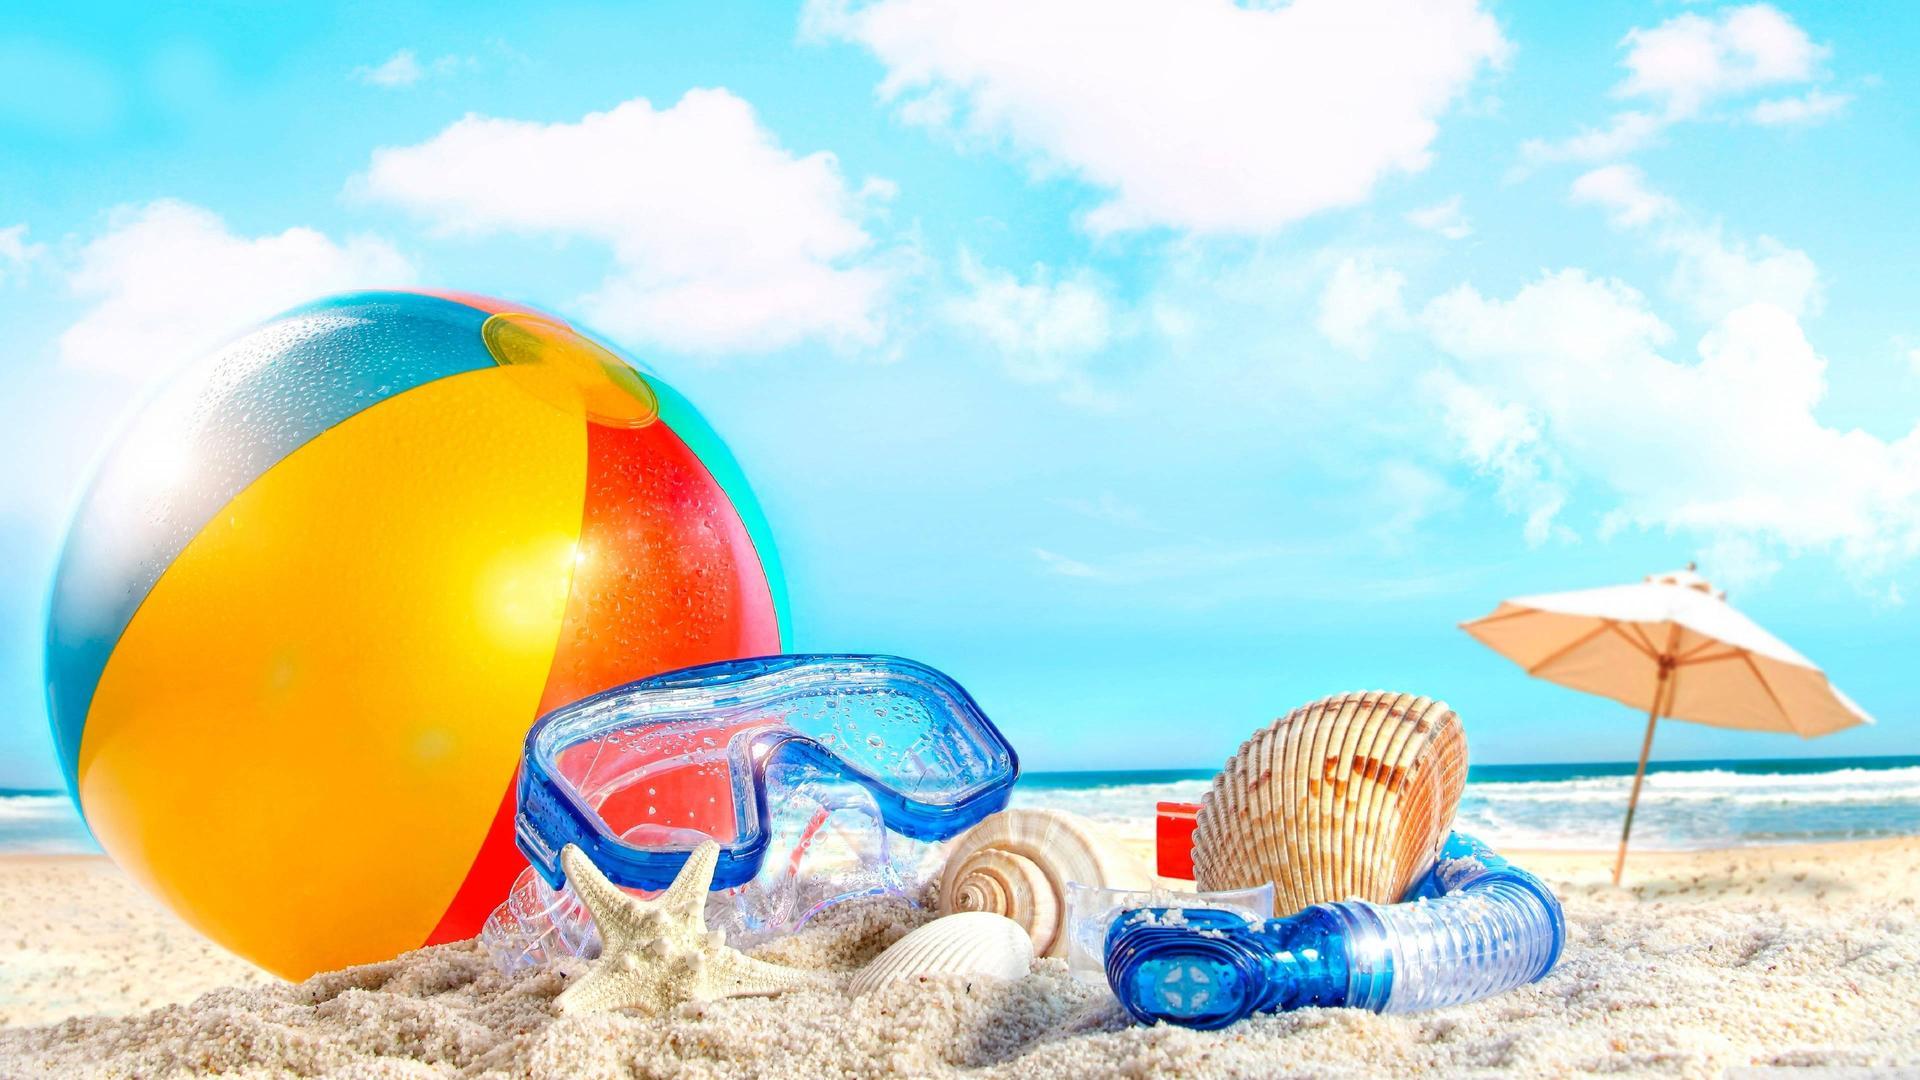 Beach items on the beach